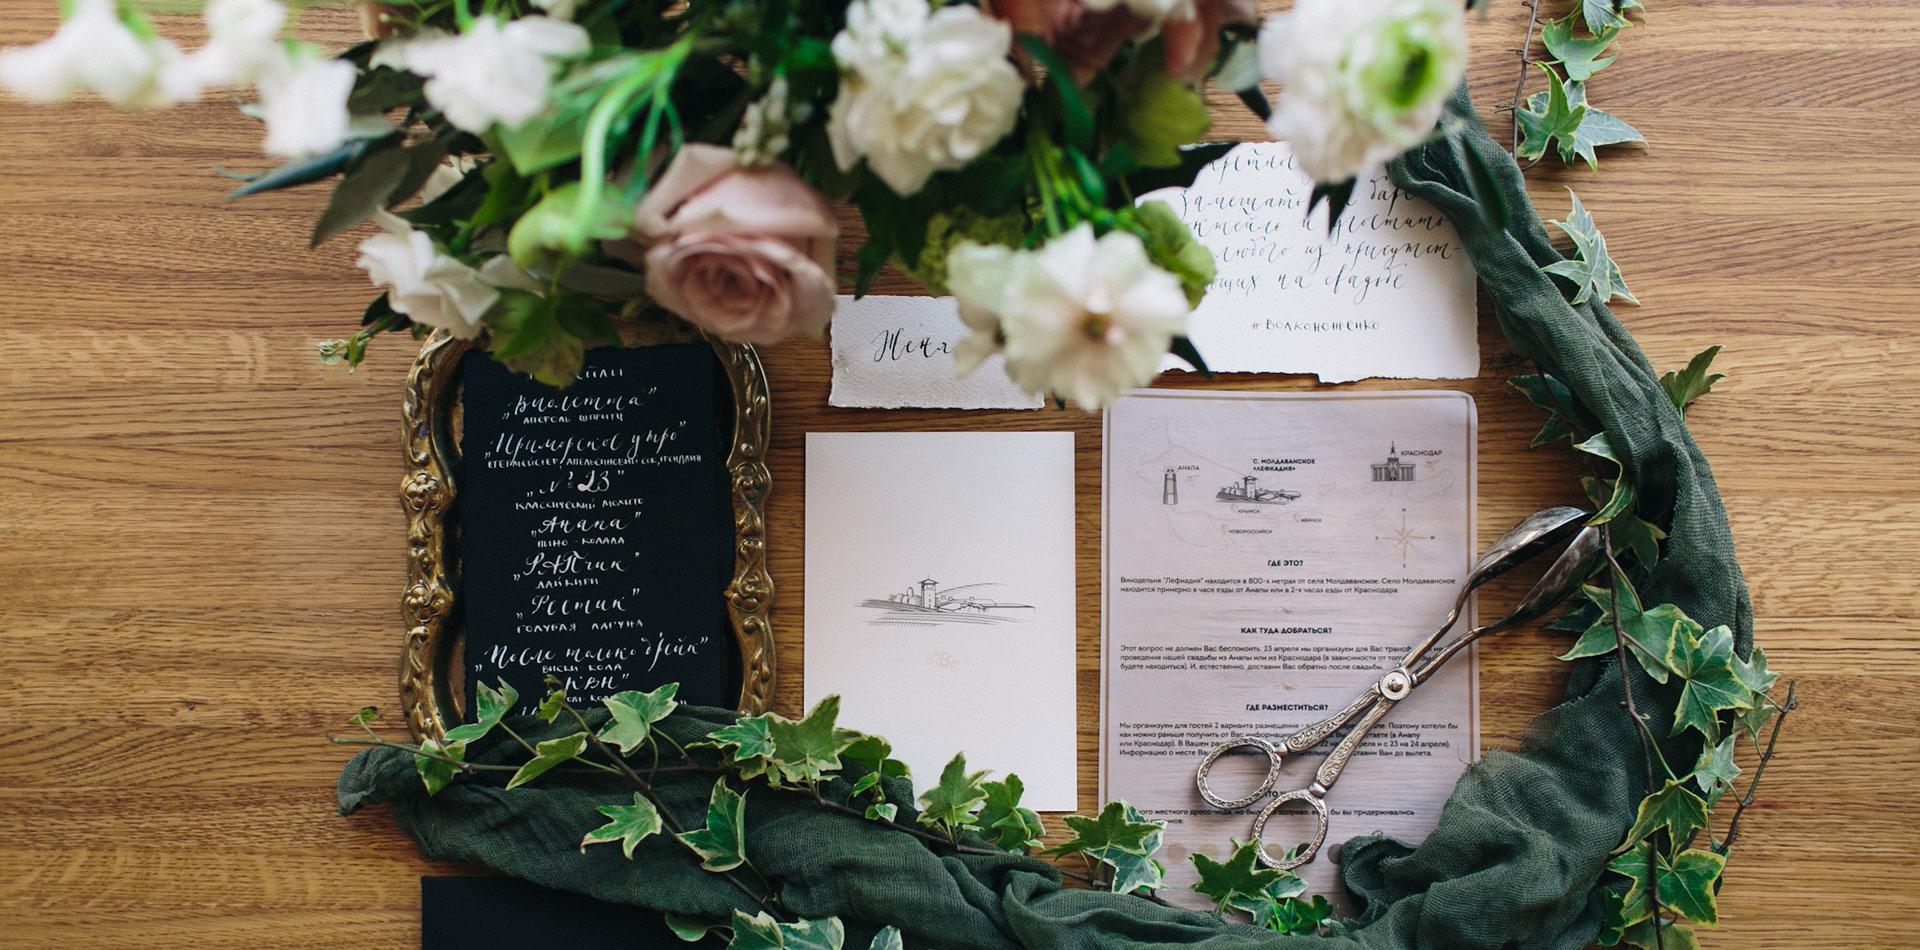 Flowerbazar: Интервью с невестой